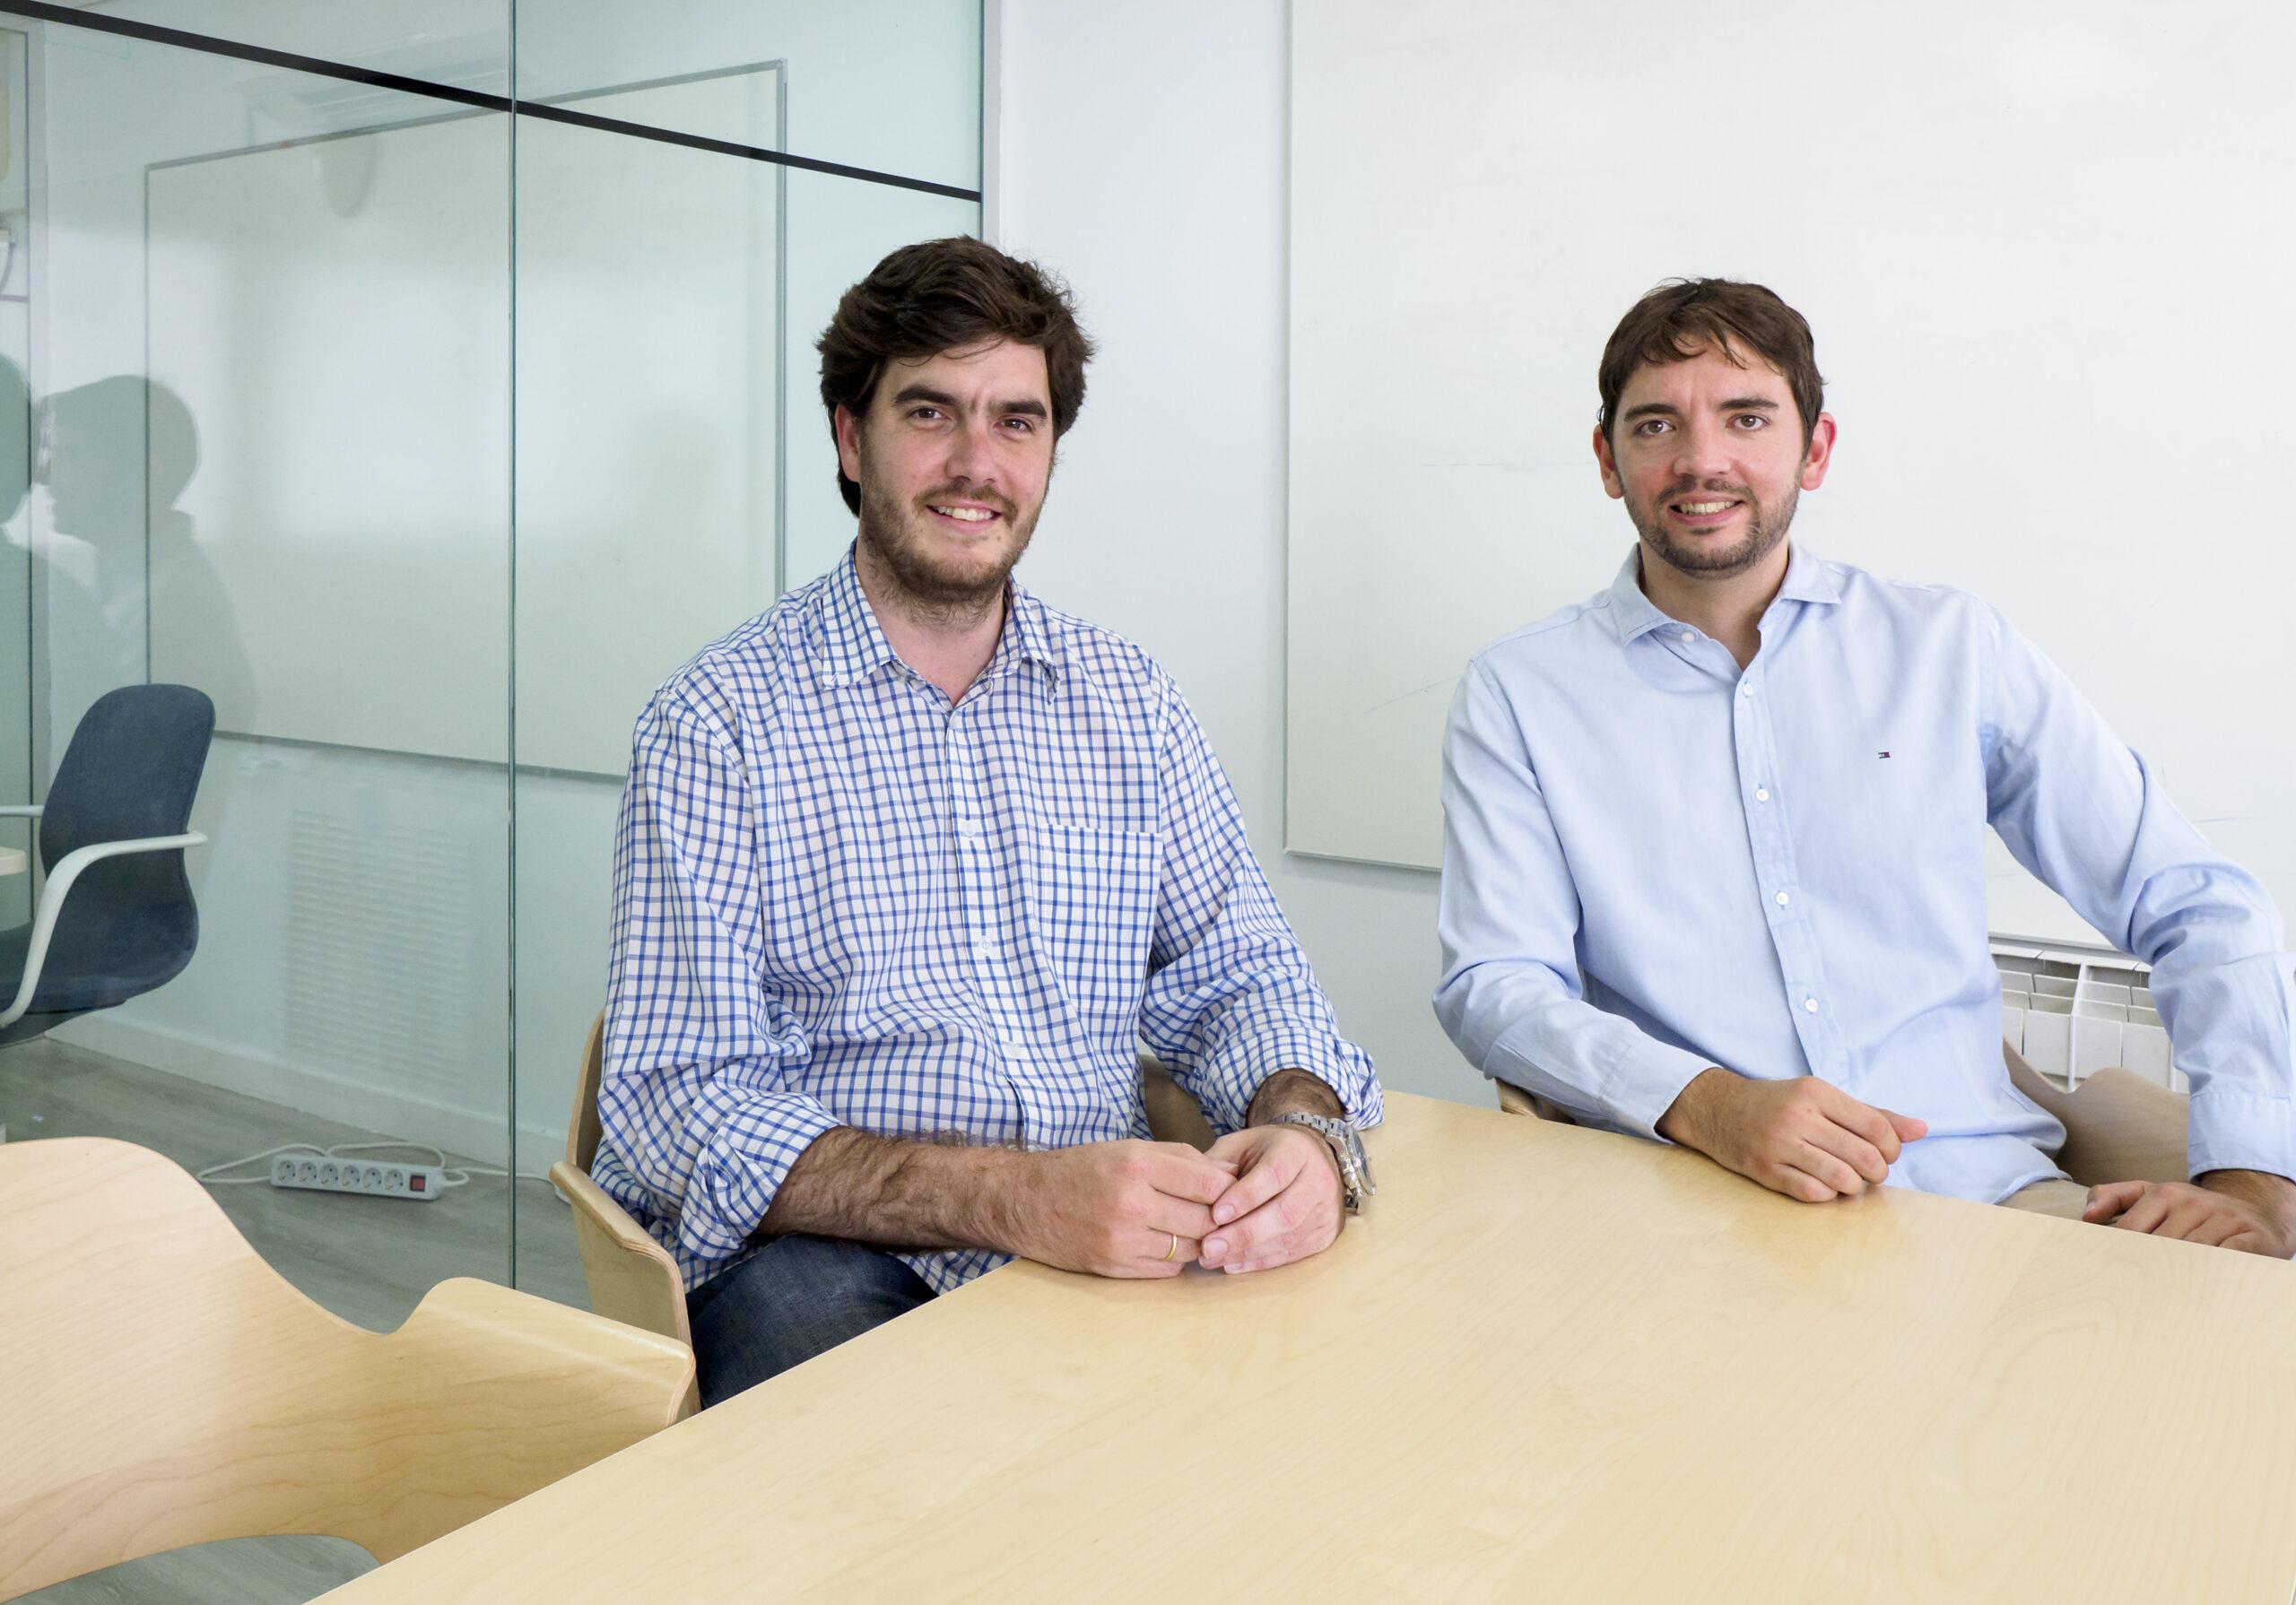 The Startup CFO es una compañía que se define como el one-stop service financiero para startups. Su principal línea de negocio es la de ofrecer un servicio de external CFO.